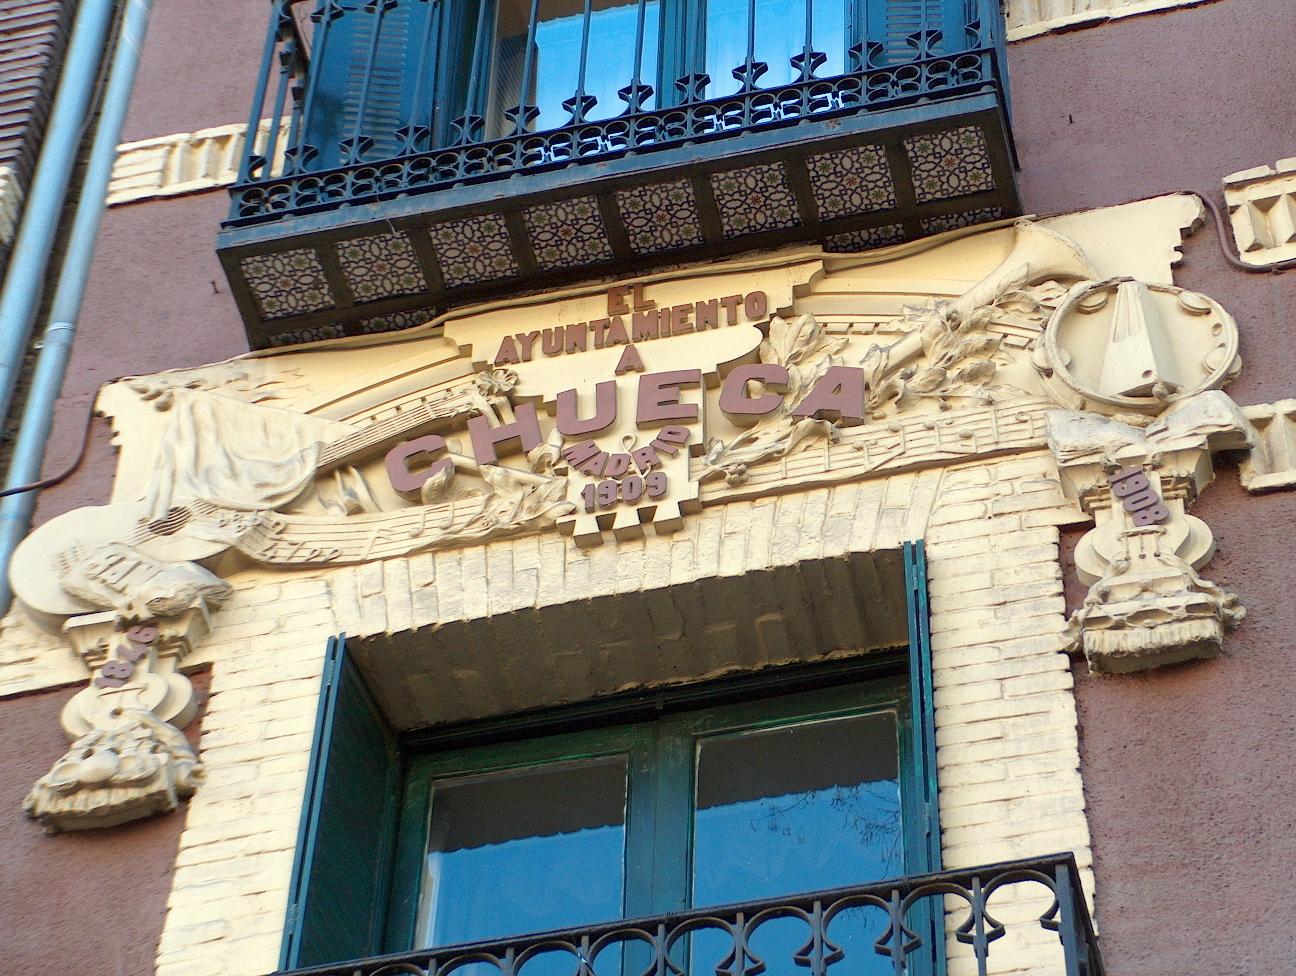 Placa en su domicilio madrileño - Alcalá, 82.